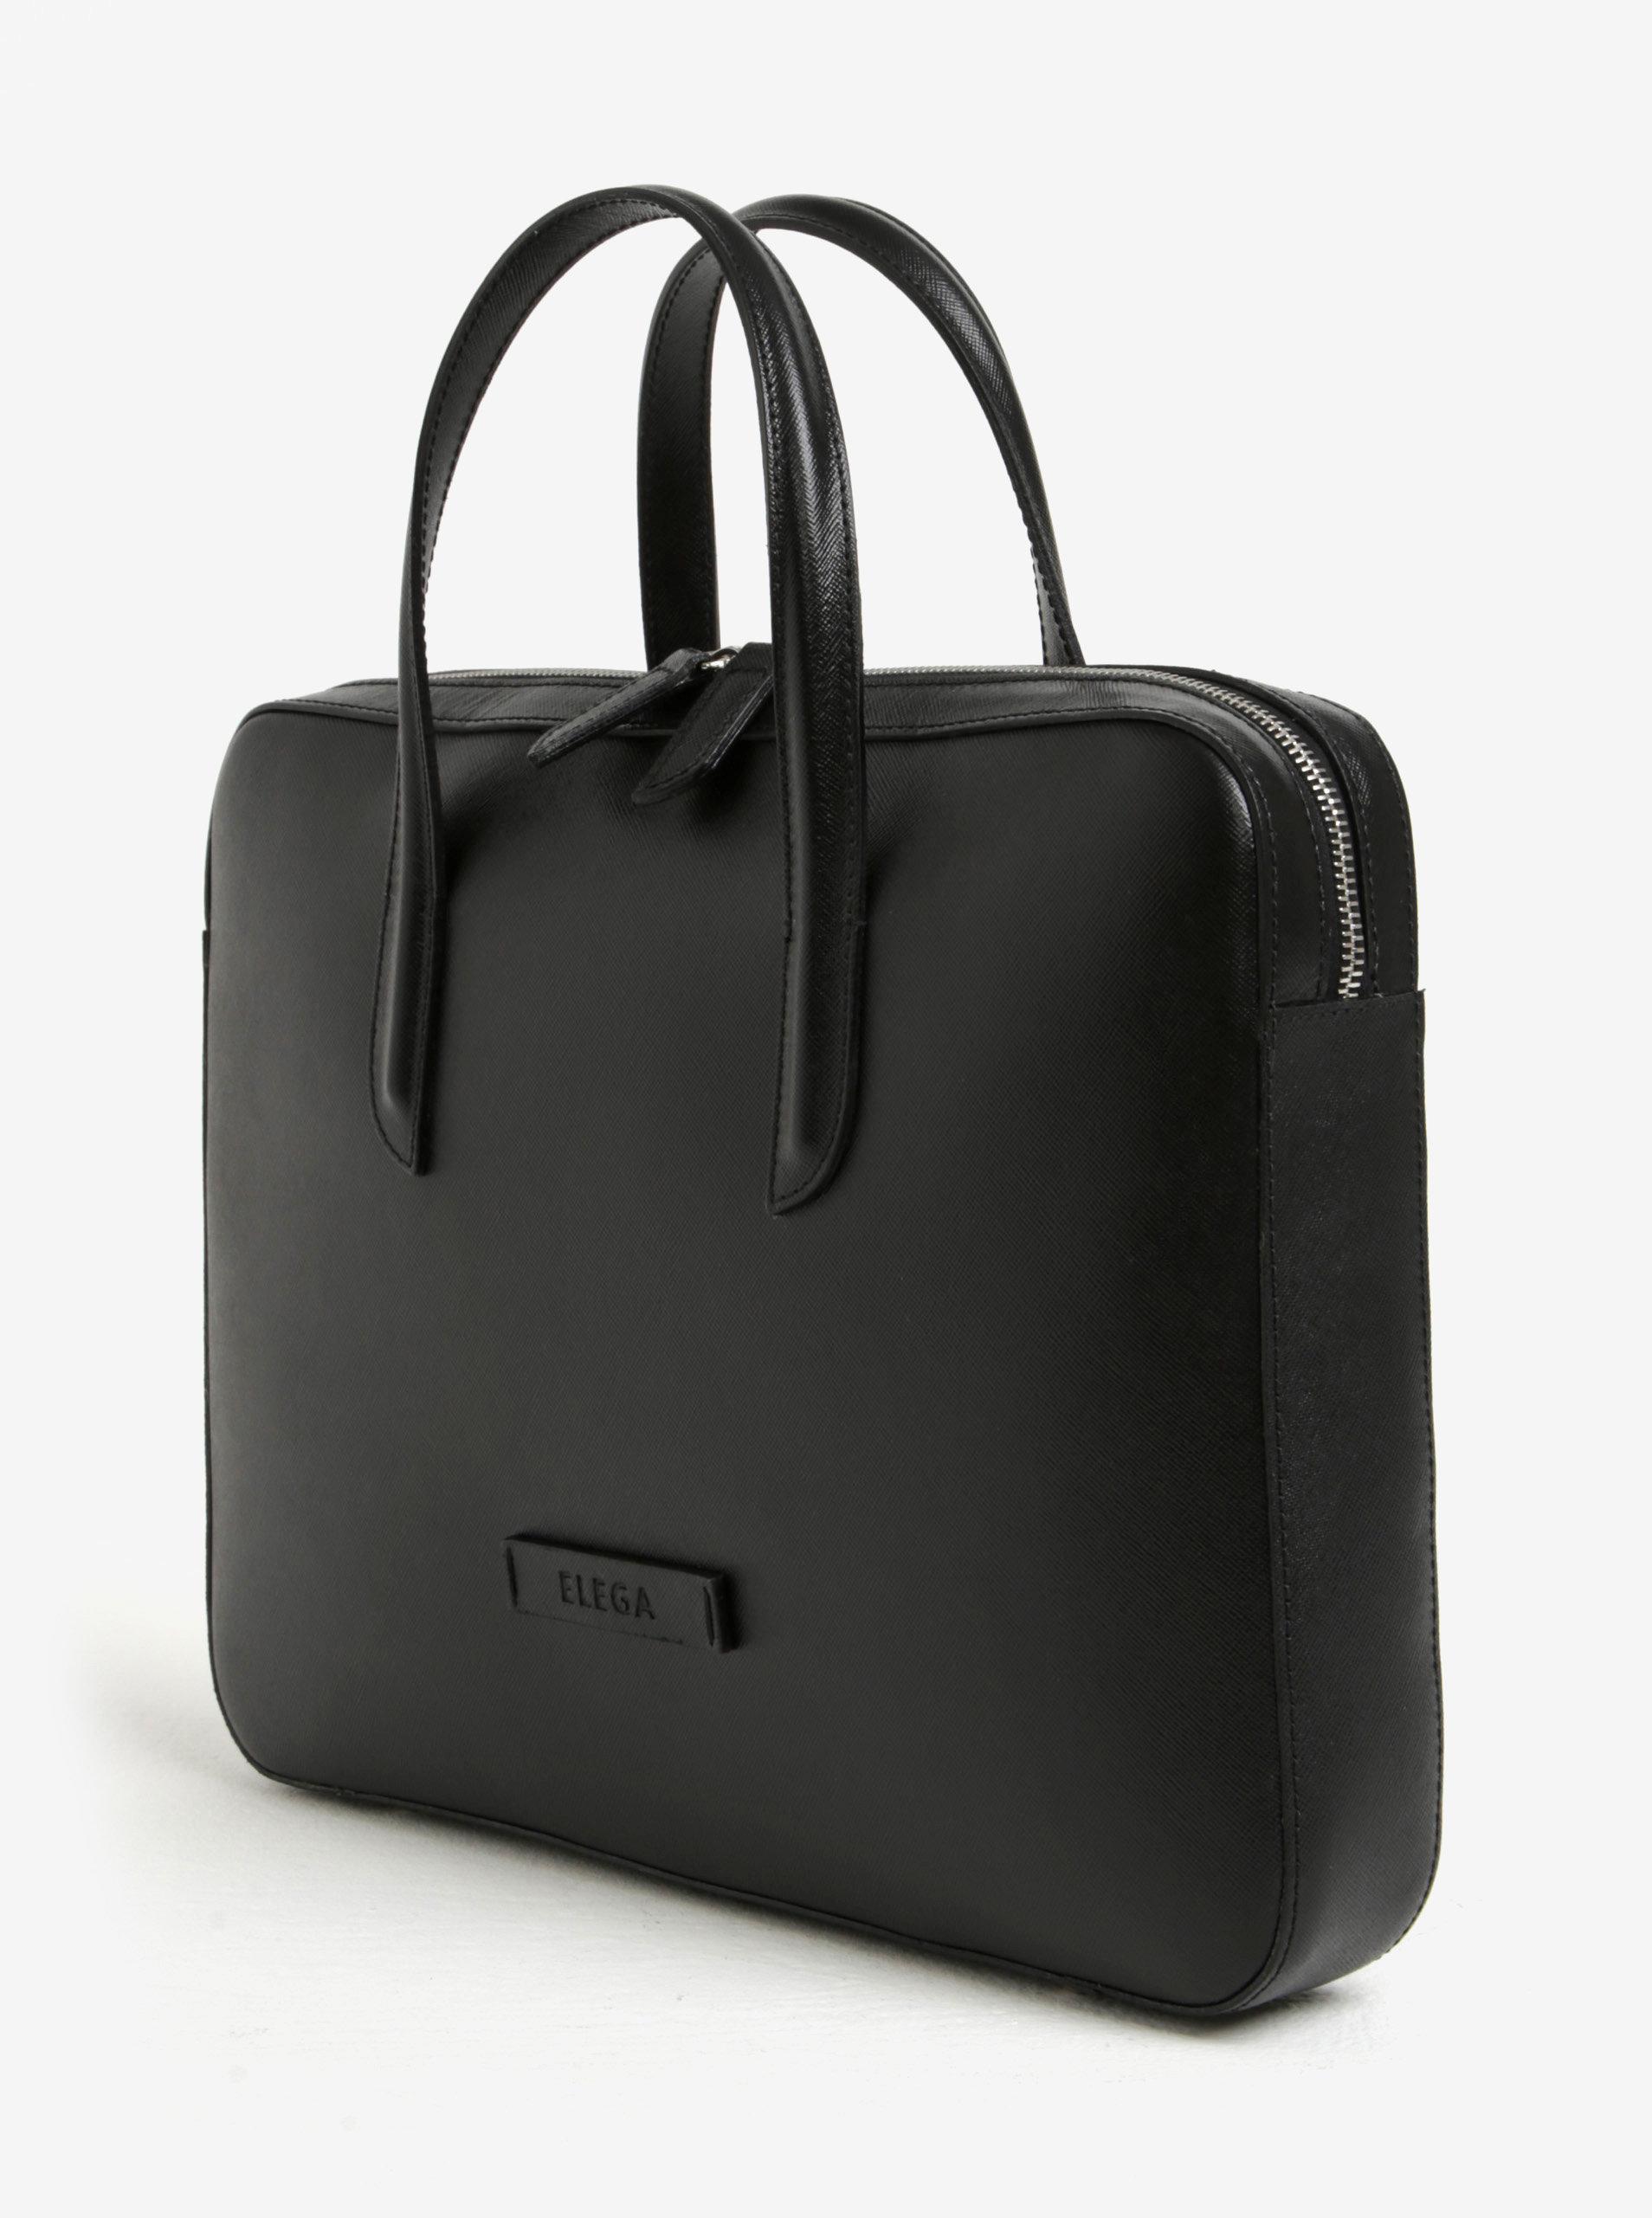 72f78a1ee3 Černá dámská kožená taška na notebook ELEGA Lester ...